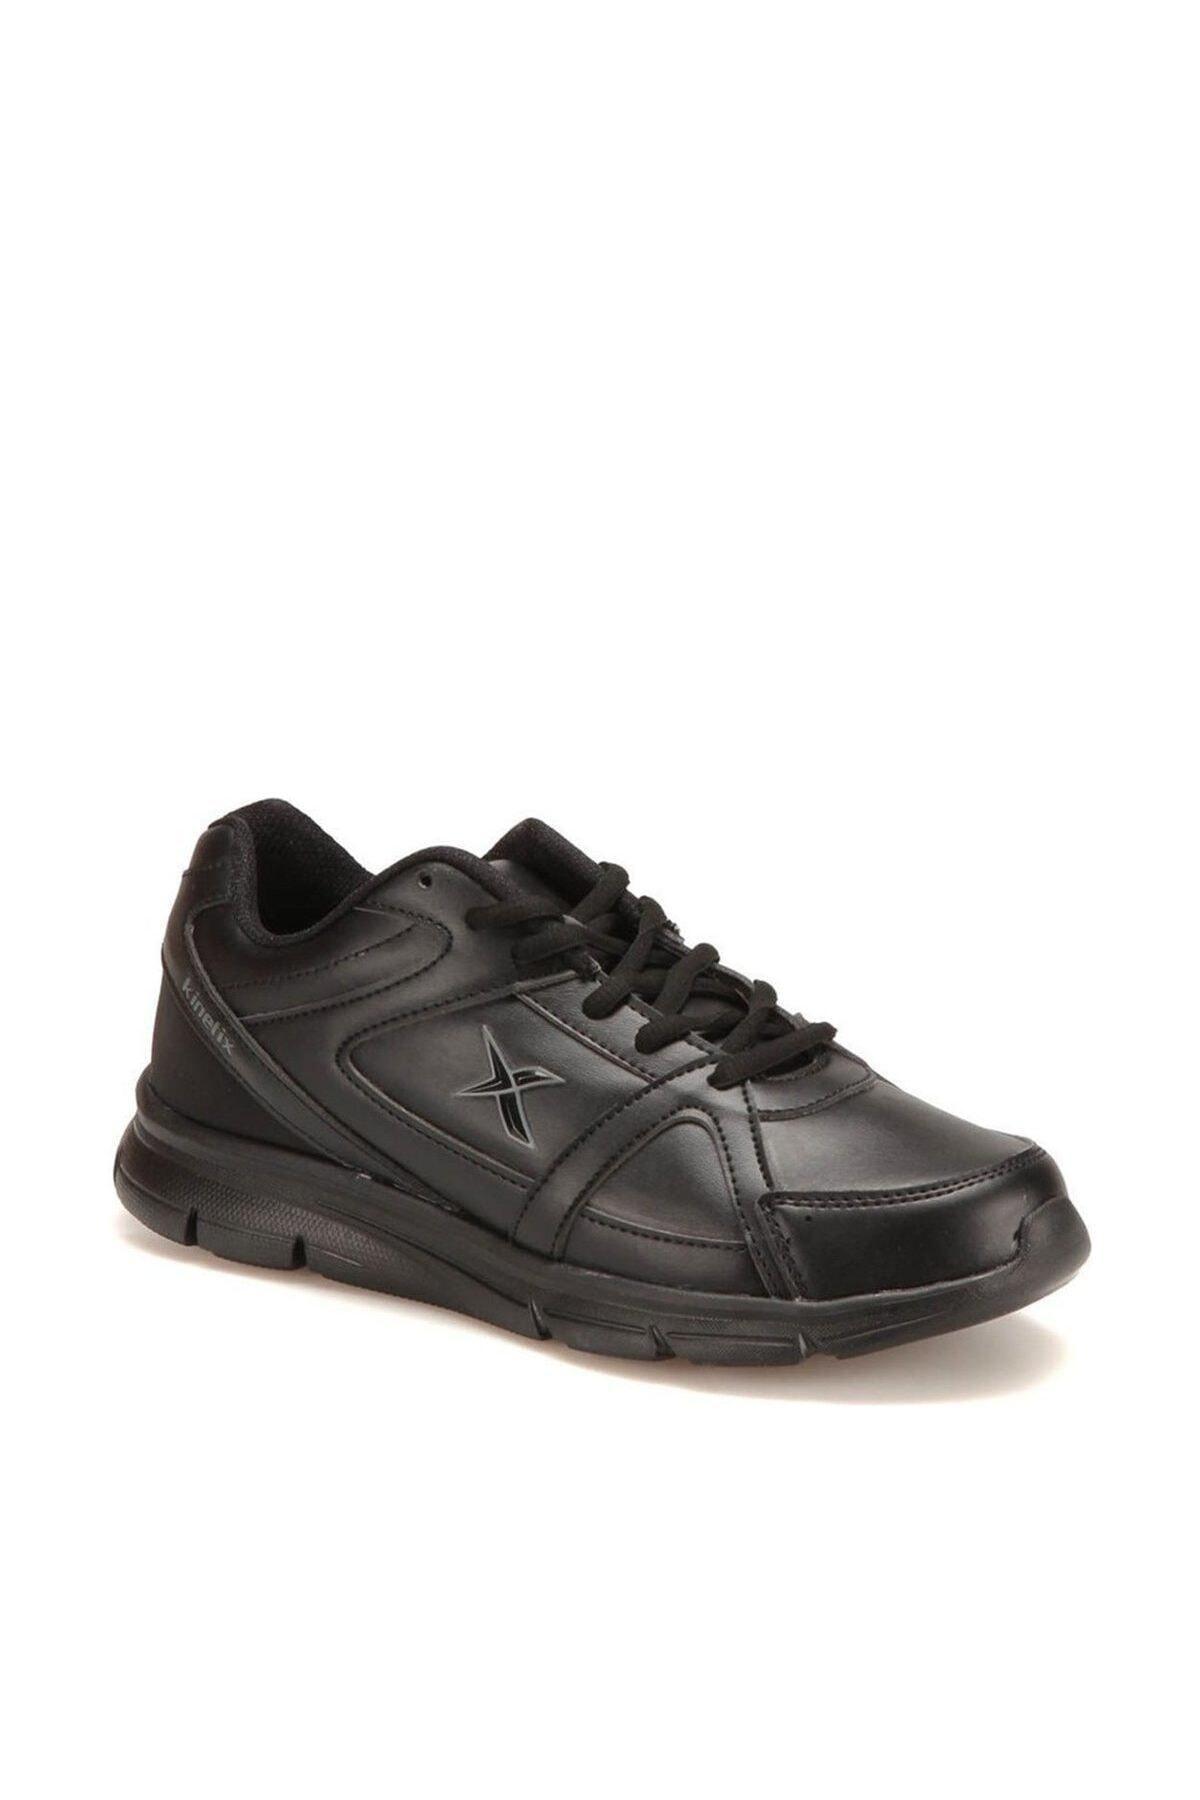 Kinetix KALEN PU 9PR Siyah Erkek Koşu Ayakkabısı 100426532 1